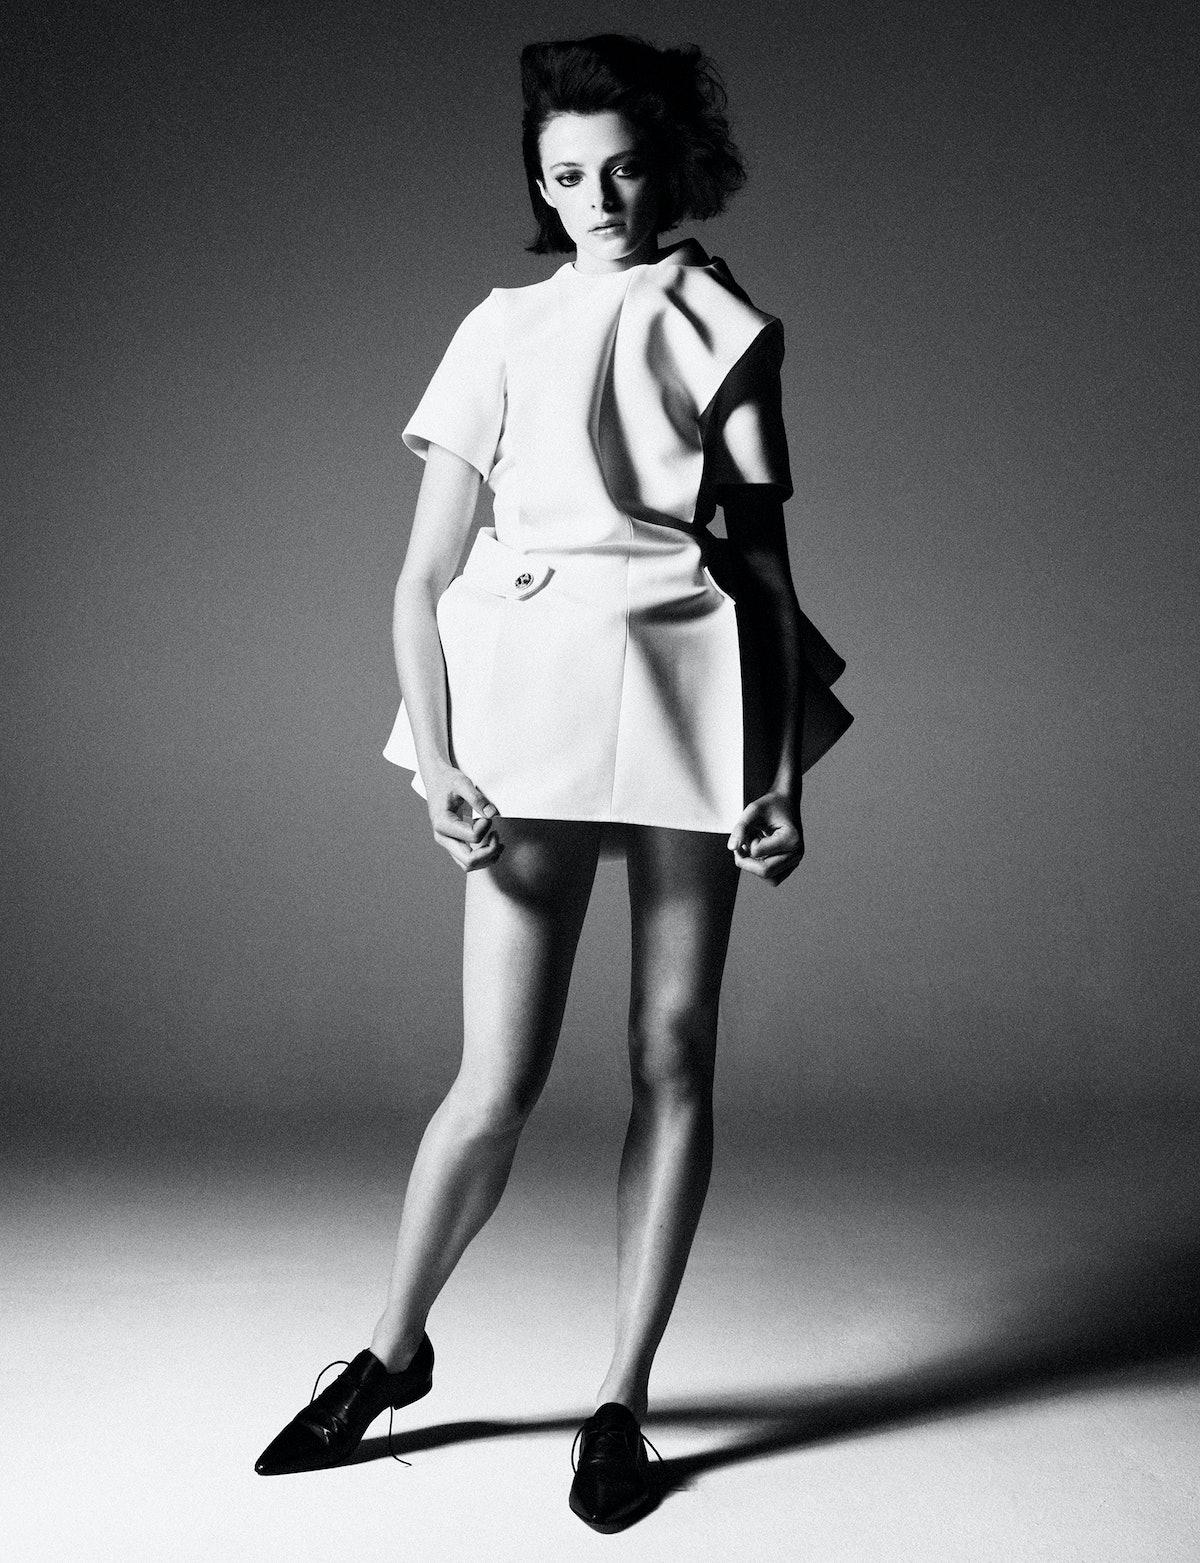 Model Grace Clover wears a Louis Vuitton dress; Maison Margiela shoes.